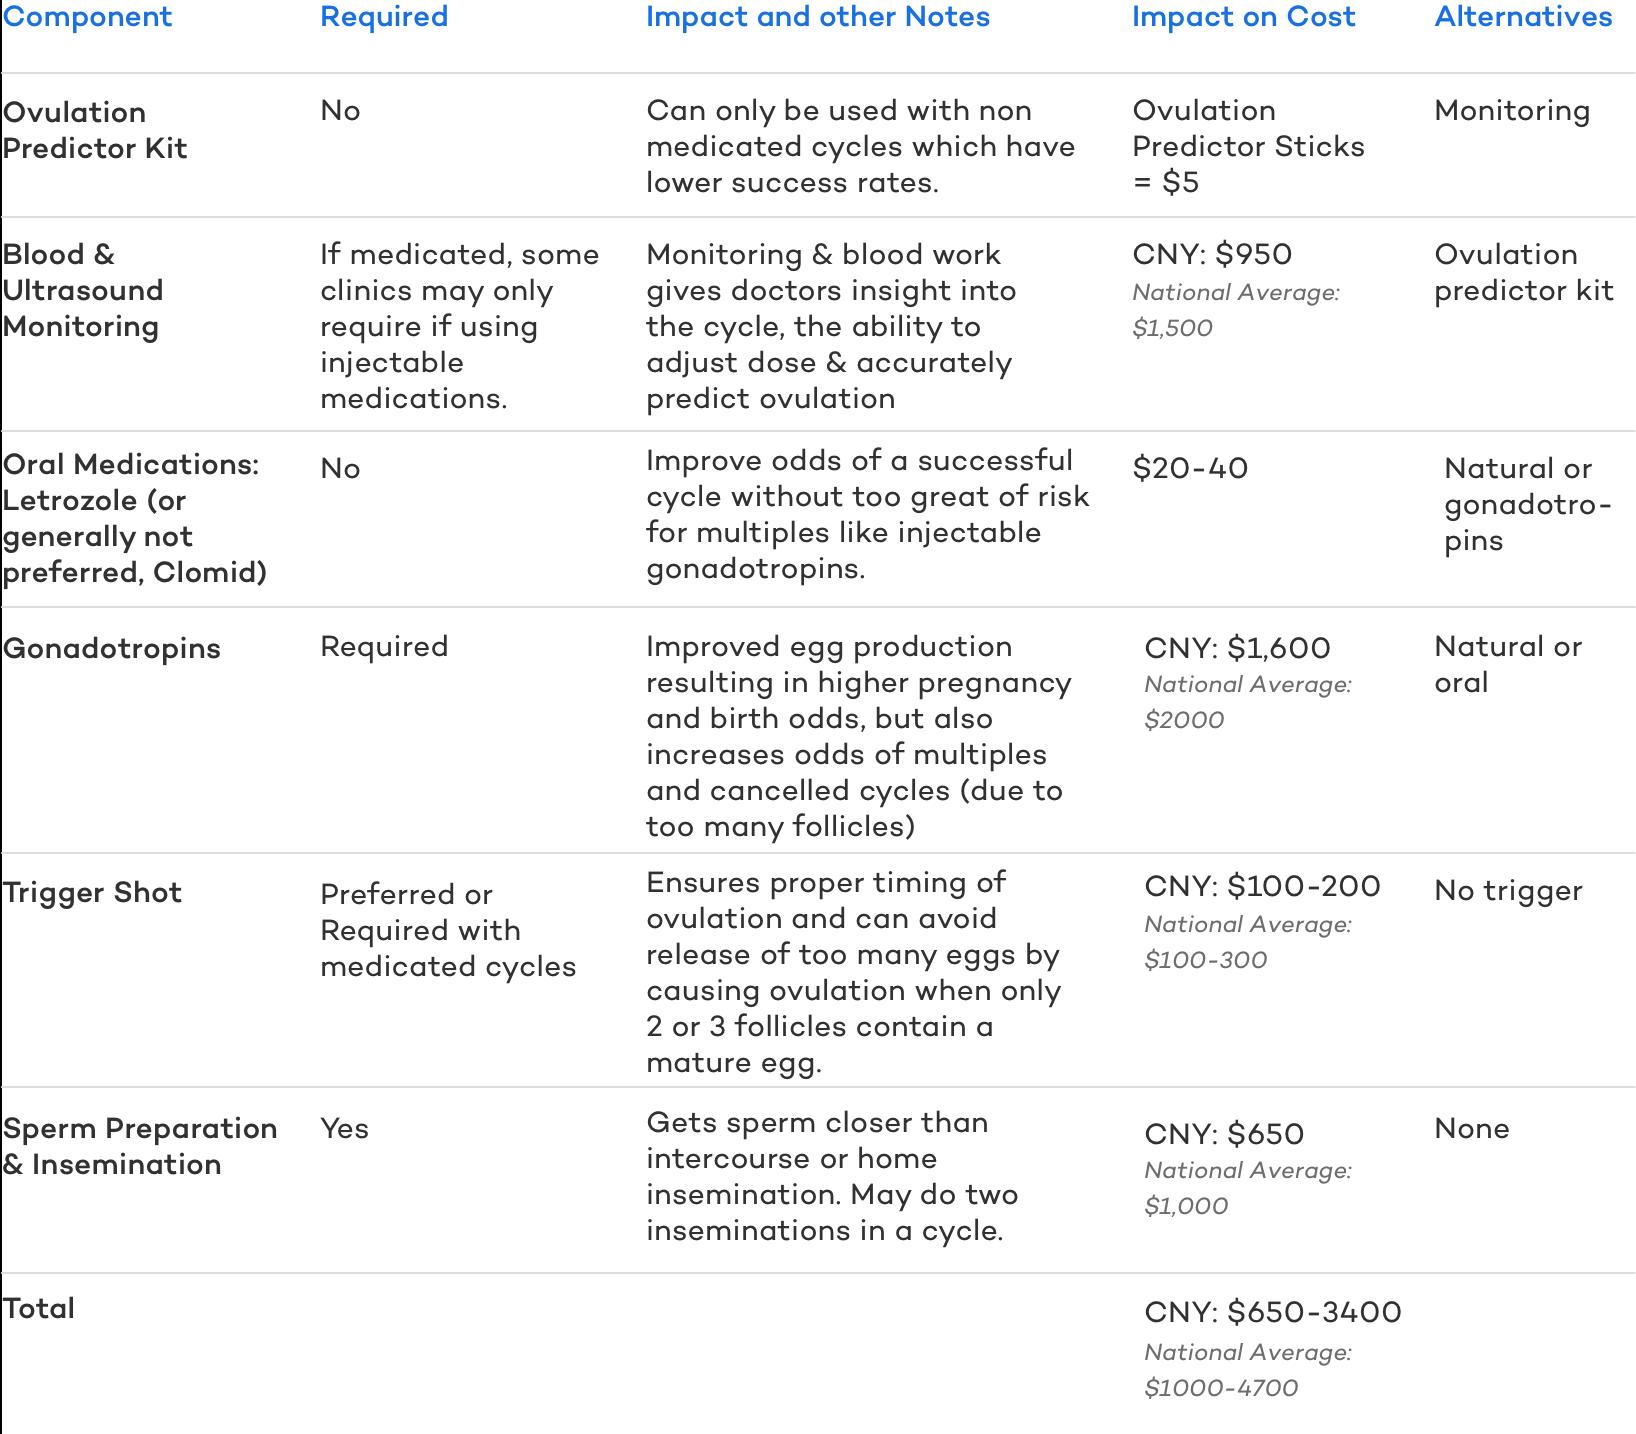 IUI cost summary